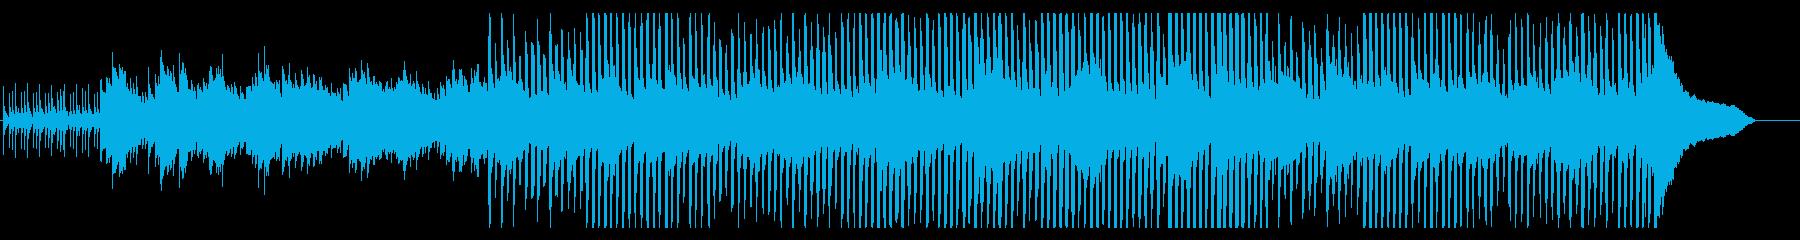 落ち着いたビジネス系コーポレート・90秒の再生済みの波形